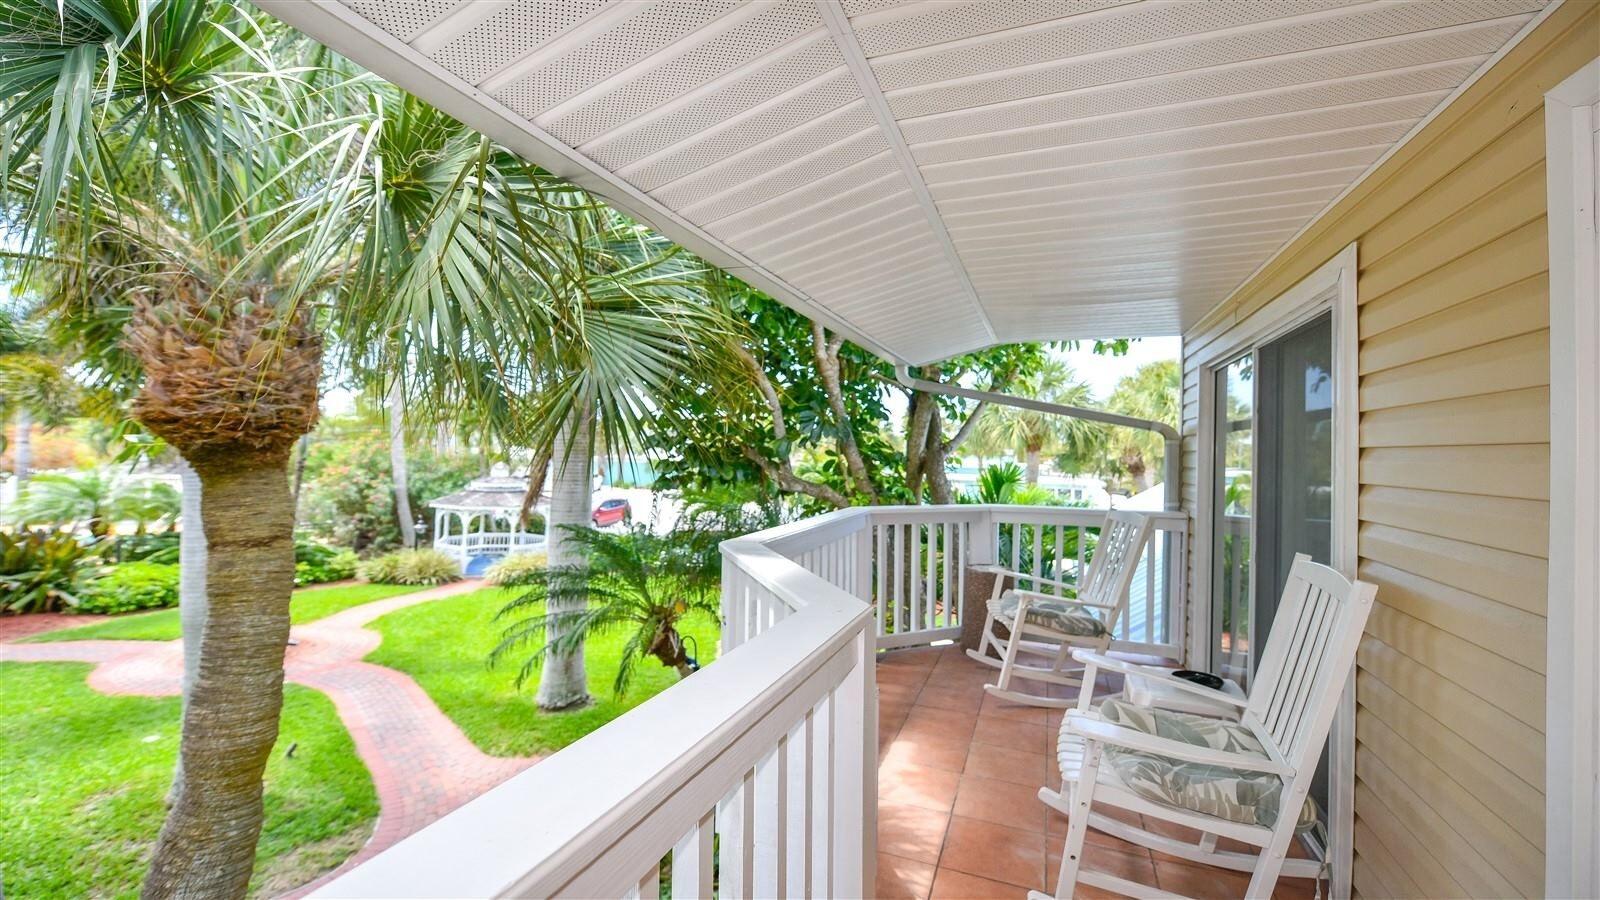 tropical breeze resort on siesta key in sarasota fl. Black Bedroom Furniture Sets. Home Design Ideas